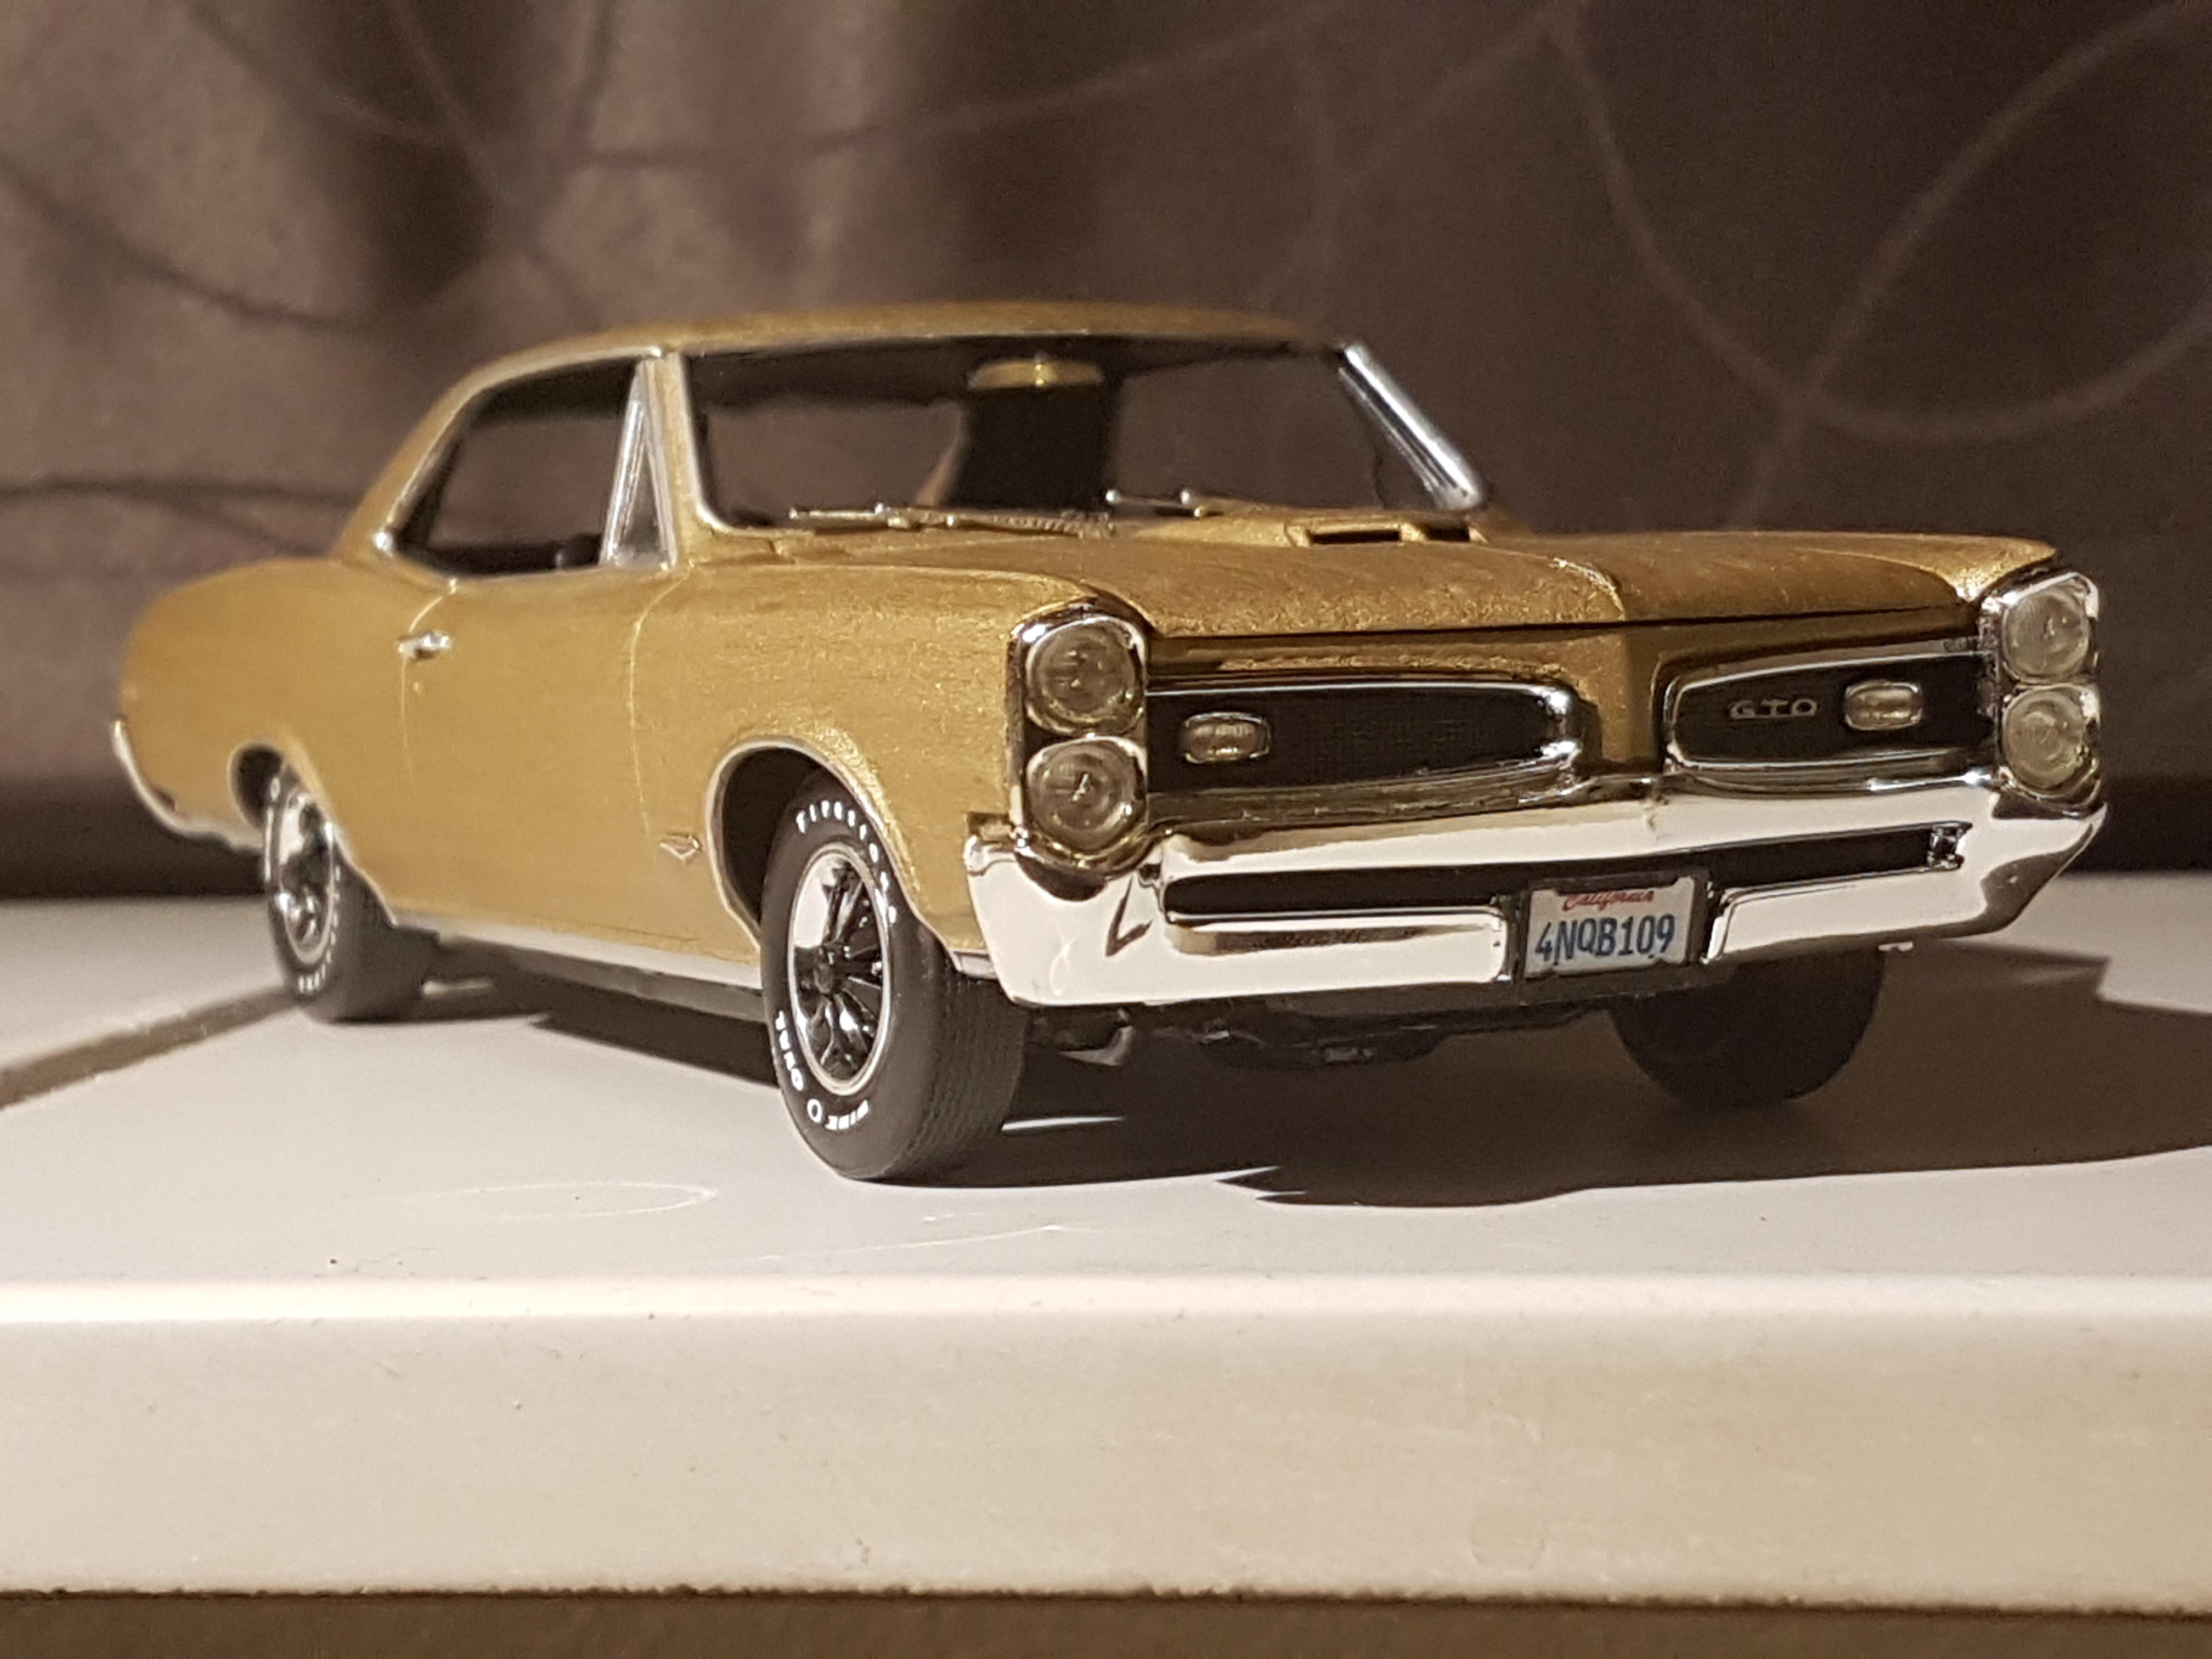 1966 Pontiac Gto Revell Rays Kits